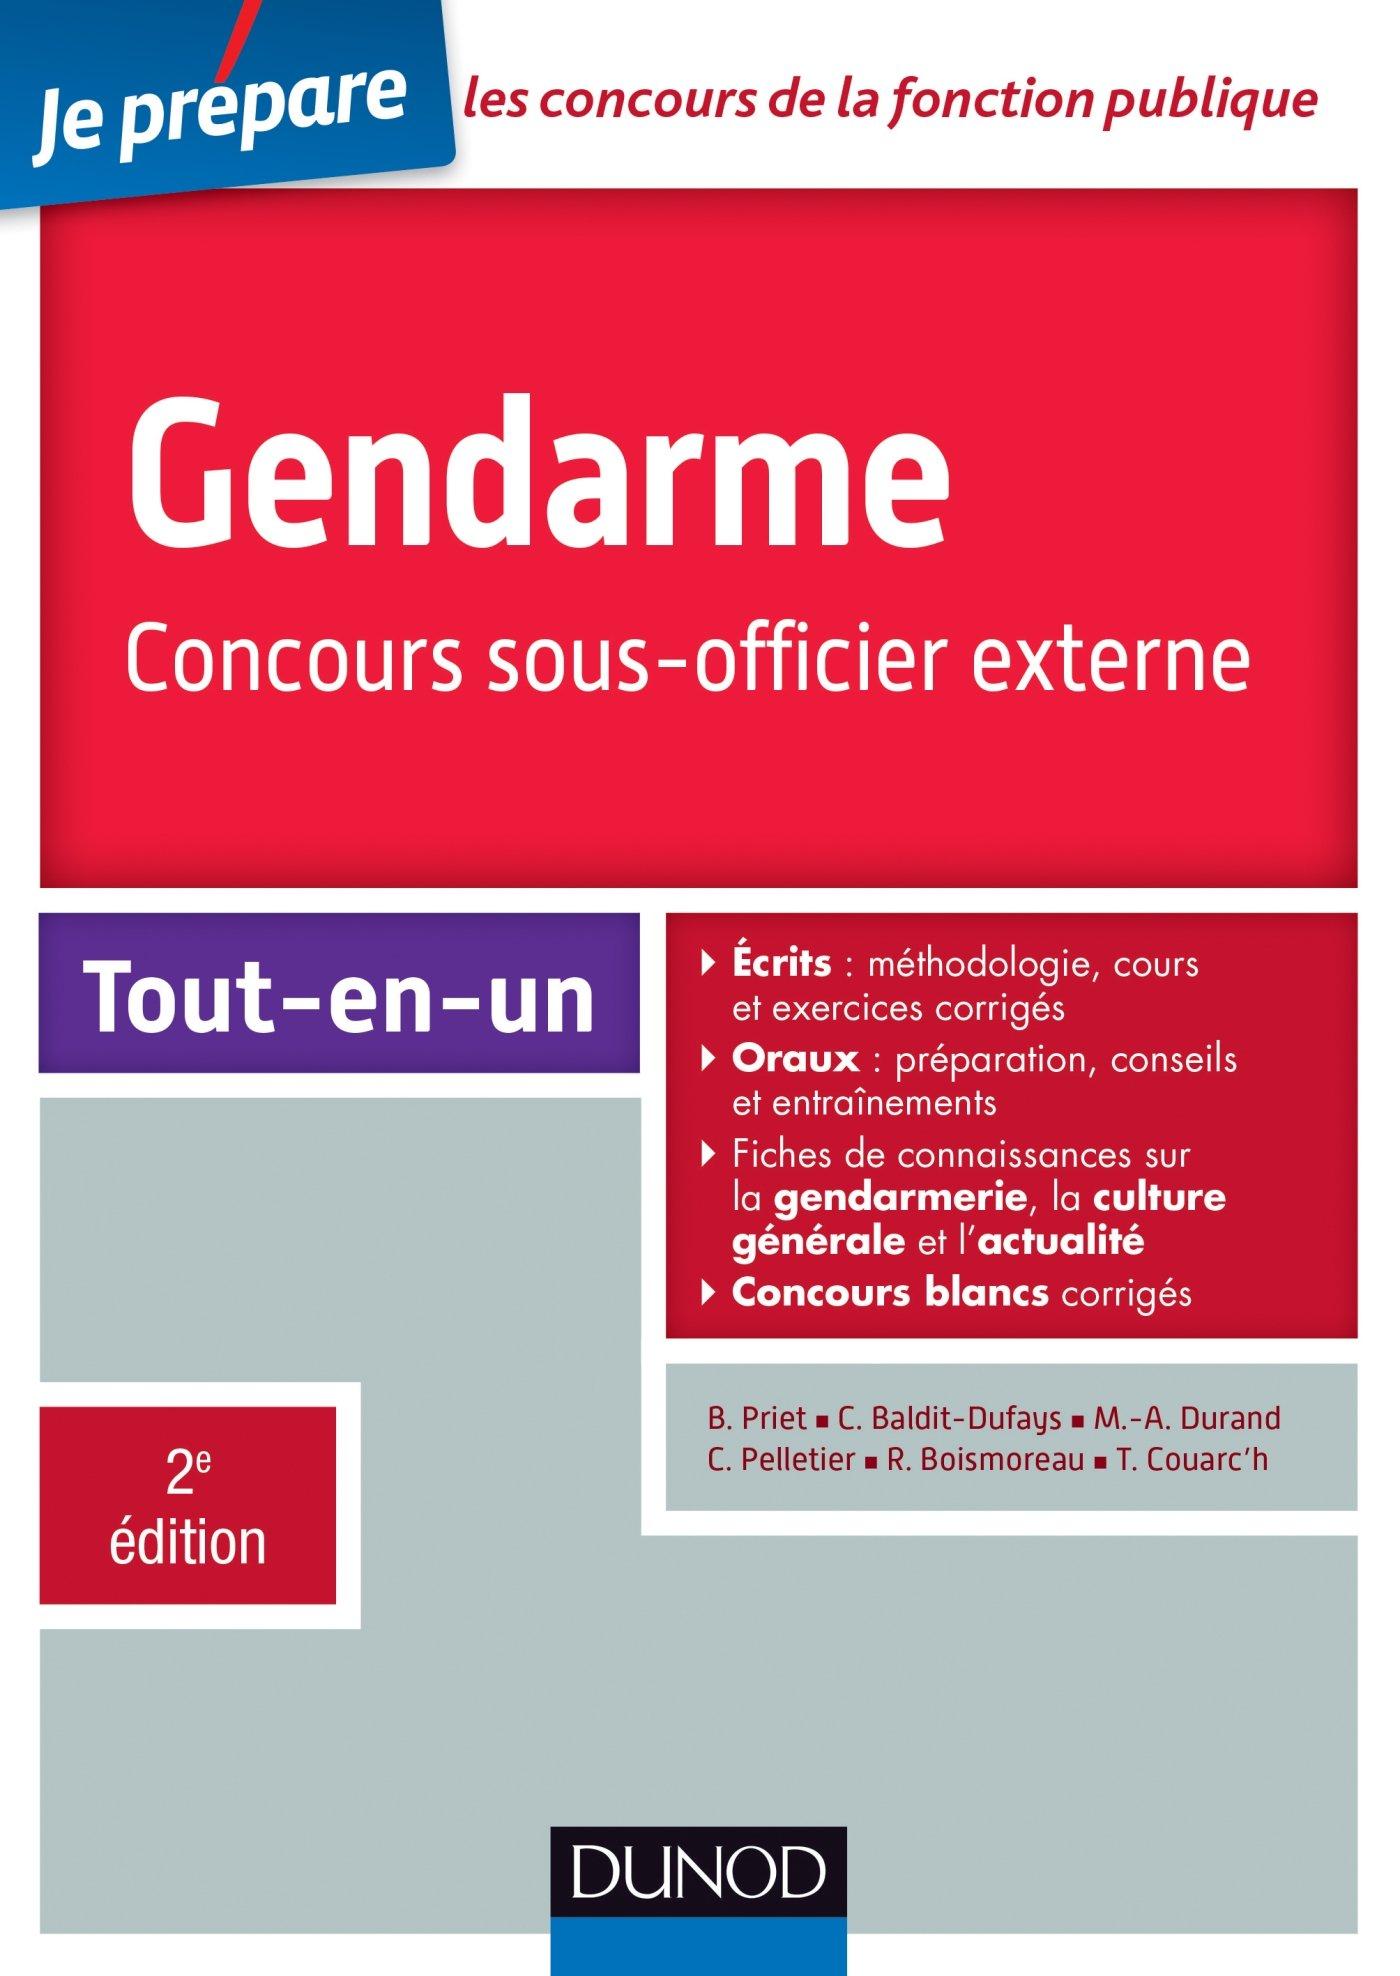 Gendarme - Concours sous-officier externe - 2e éd. - Tout-en-un: 1 Je prépare: Amazon.es: Benoît Priet, Catherine Baldit-Dufays, Marie-Annik Durand, ...